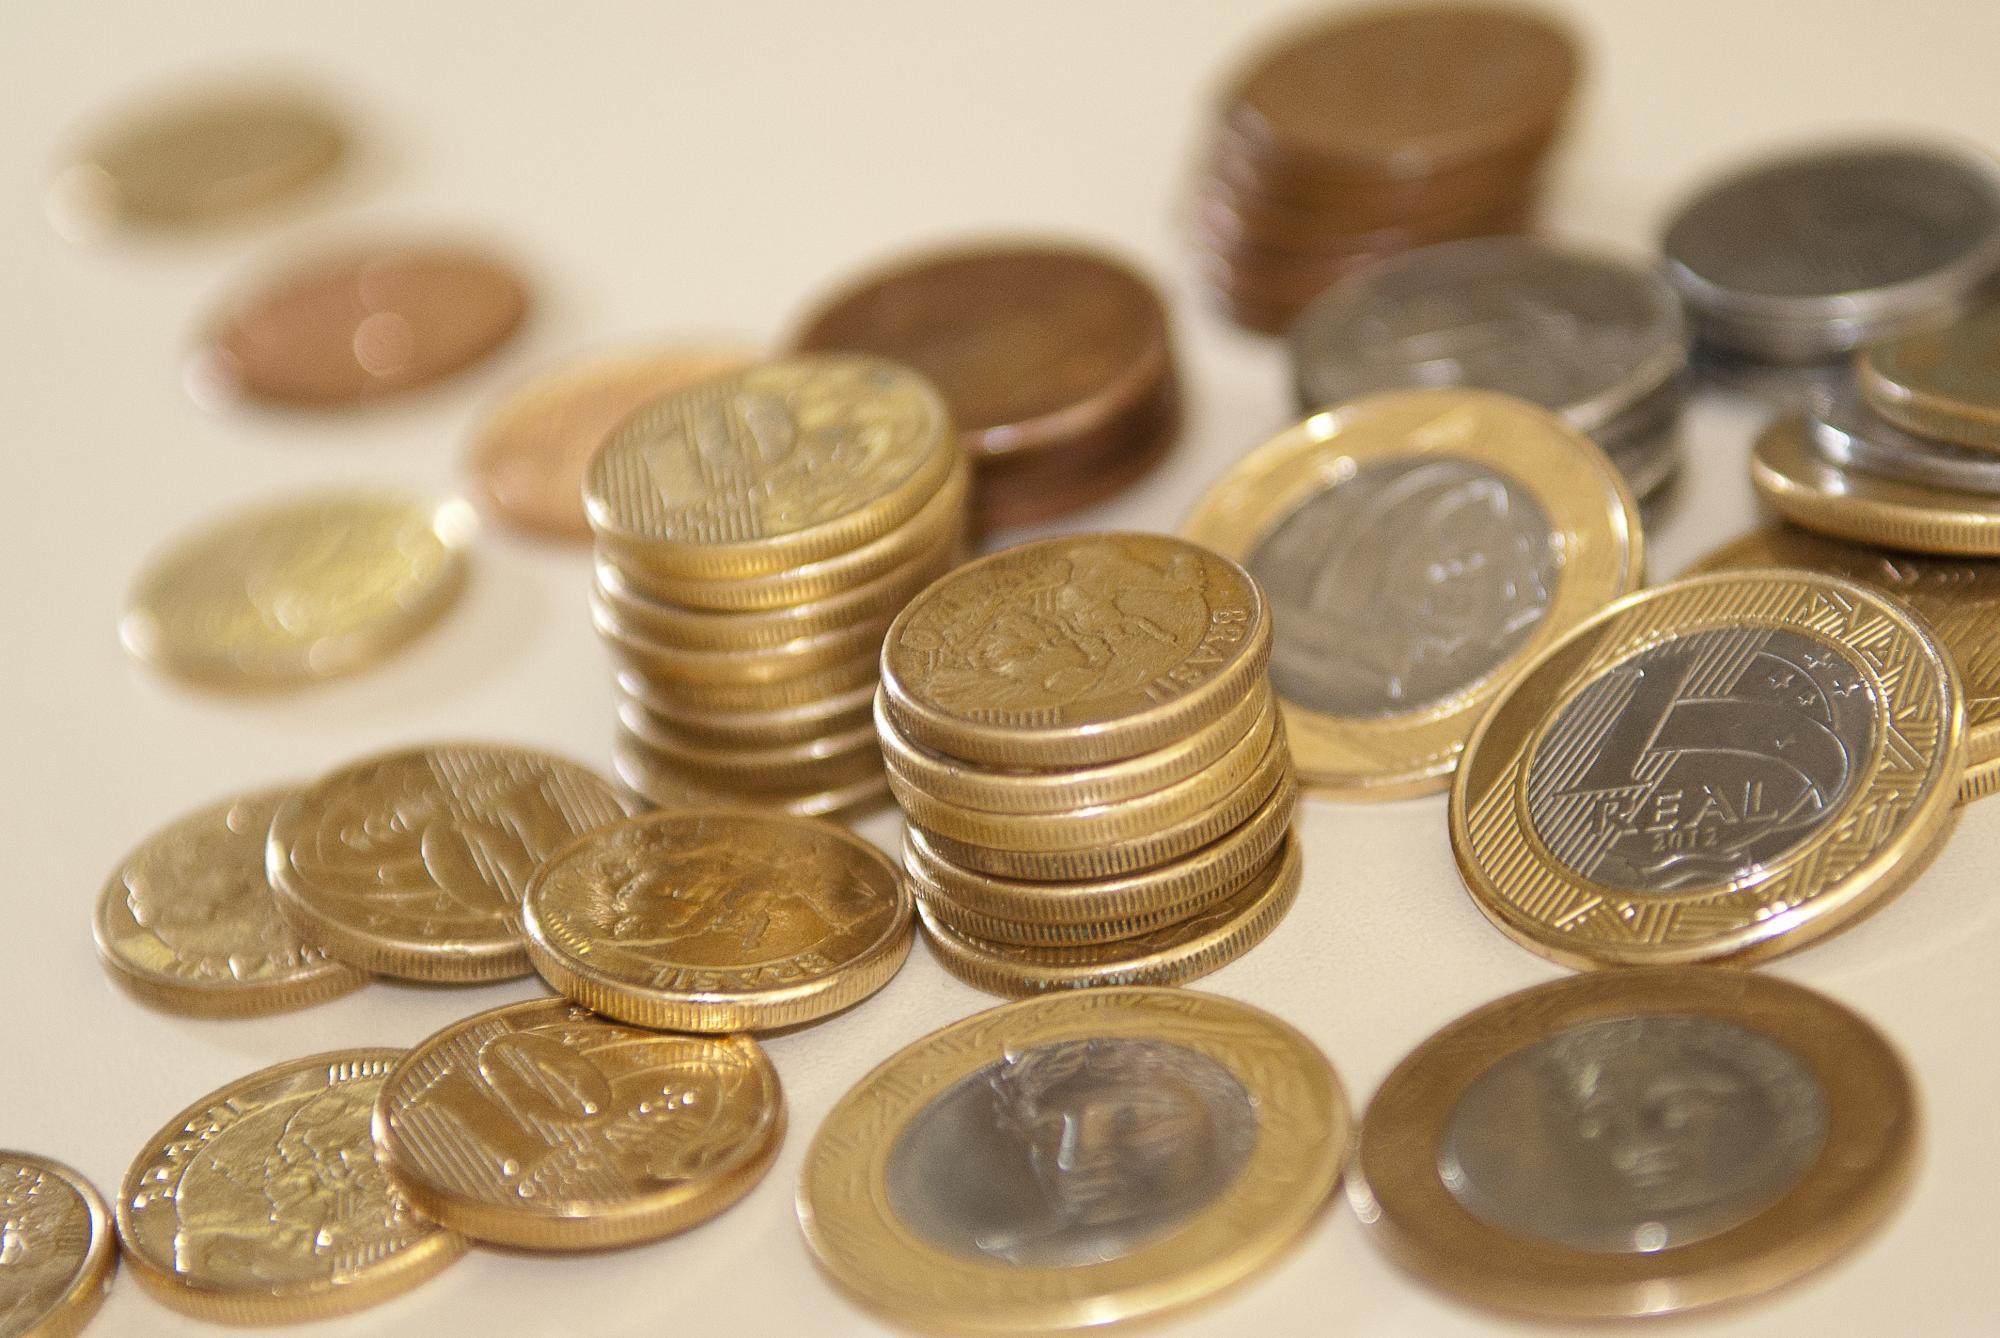 CDL de Ituporanga lança campanha para incentivar circulação de moedas